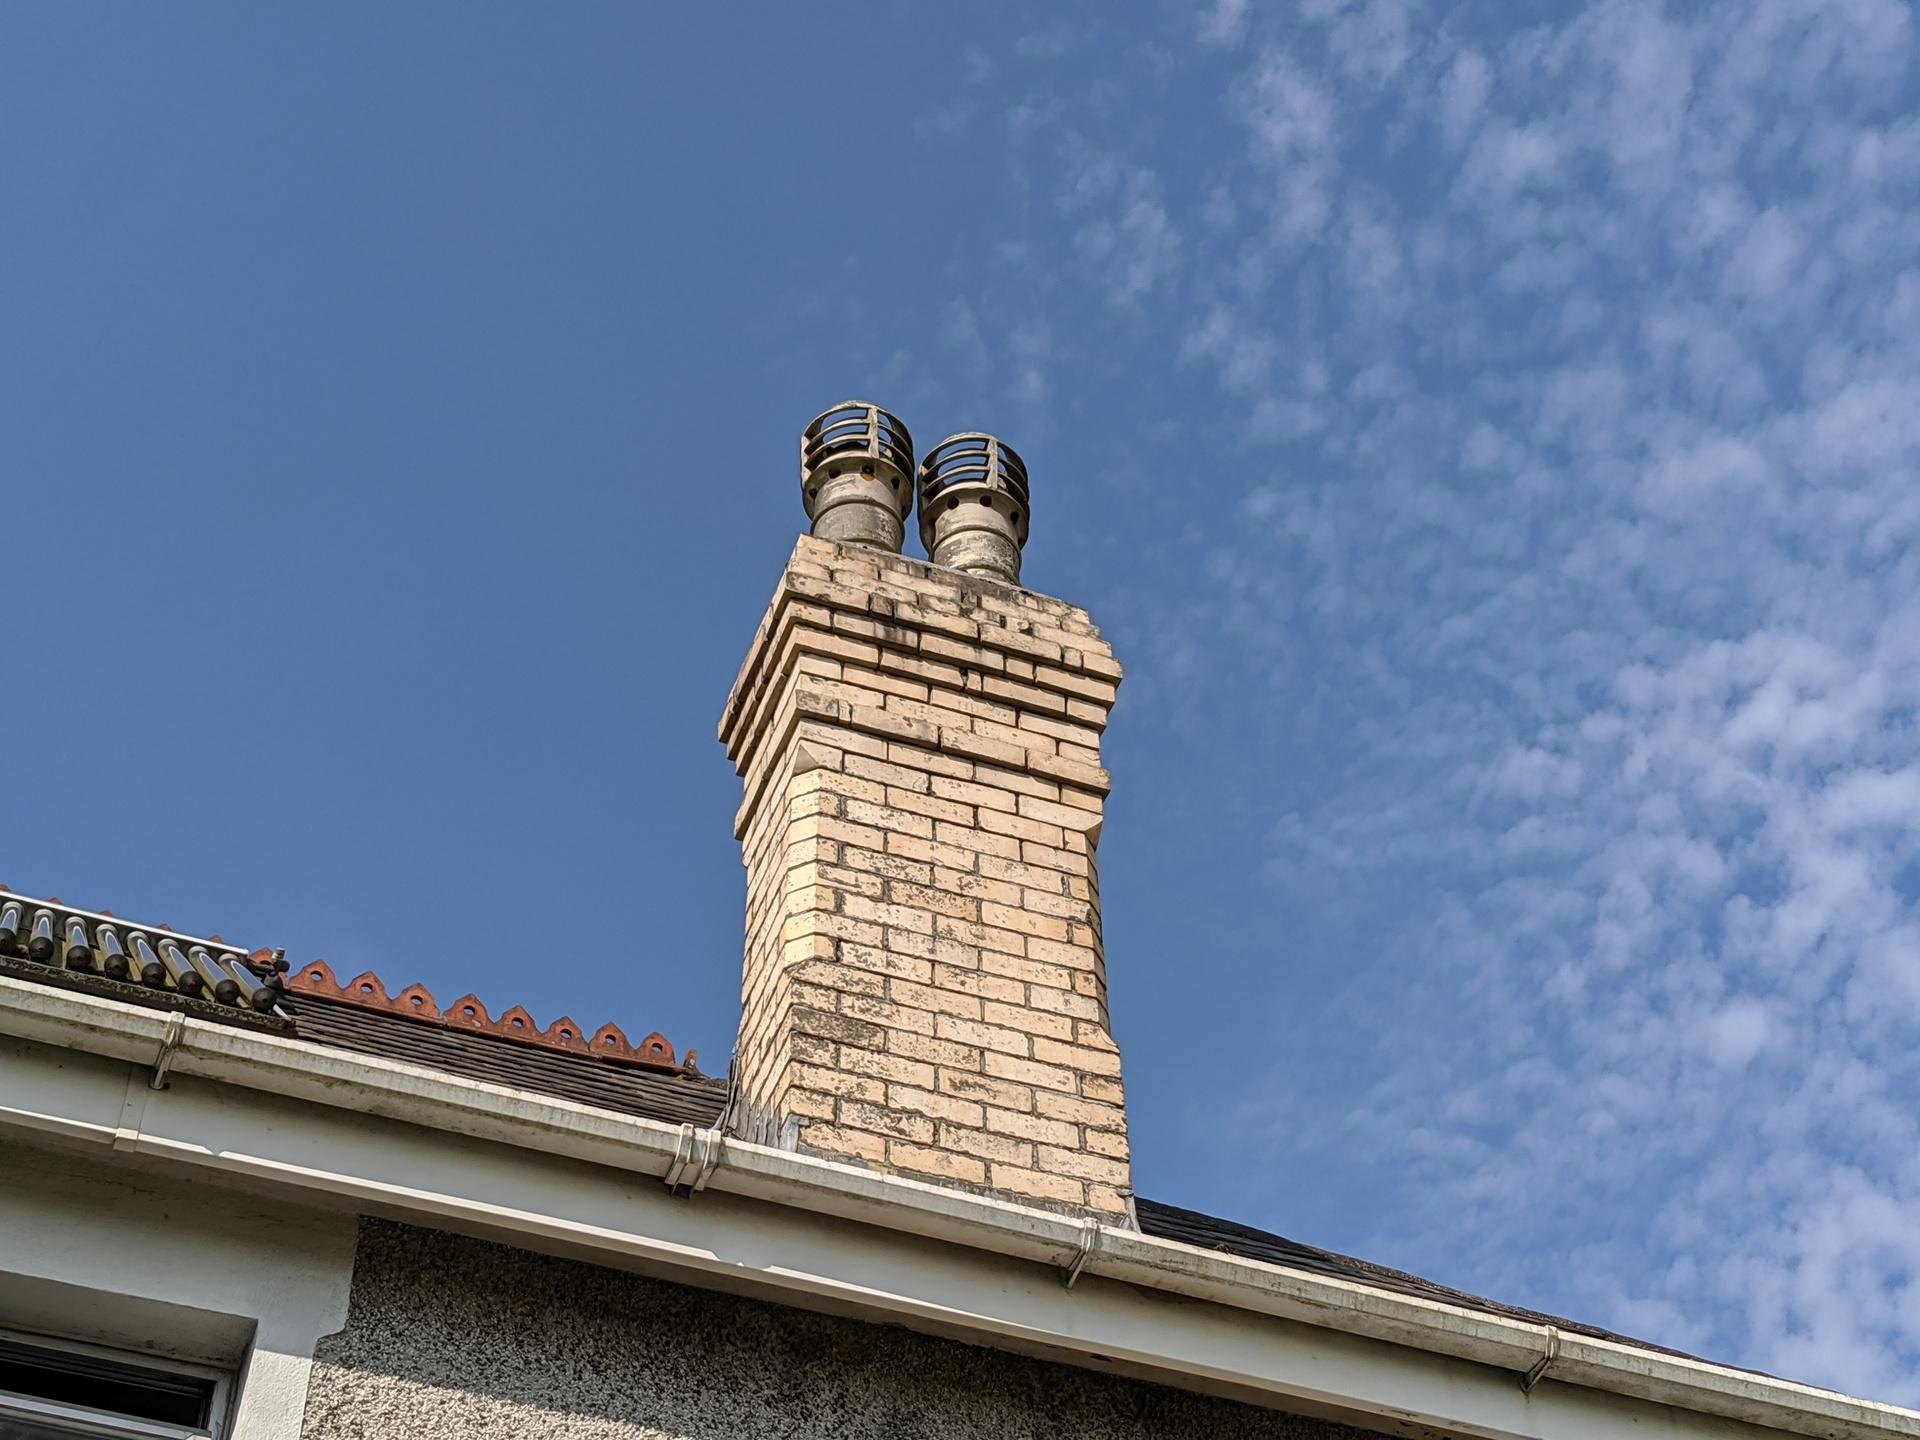 Pixel 4a vs Pixel 4 4a chimney 2x